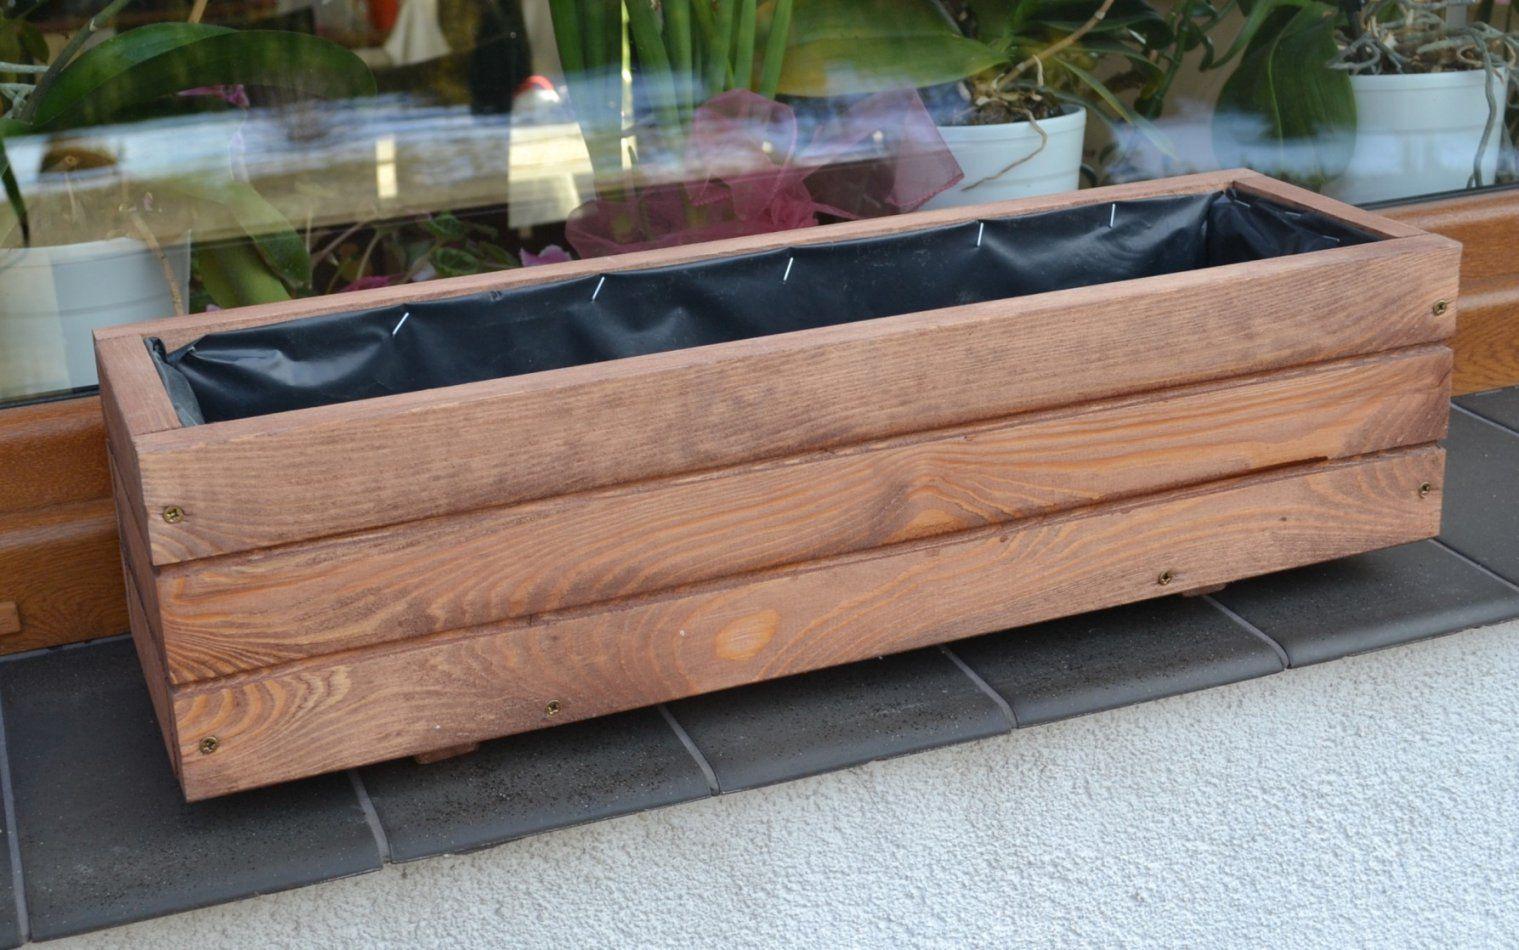 Pflanzkübel Holz D2 Pflanzkasten 80 100 Cm Xxl Blumenkasten Avec von Holz Blumenkasten Selber Bauen Bild